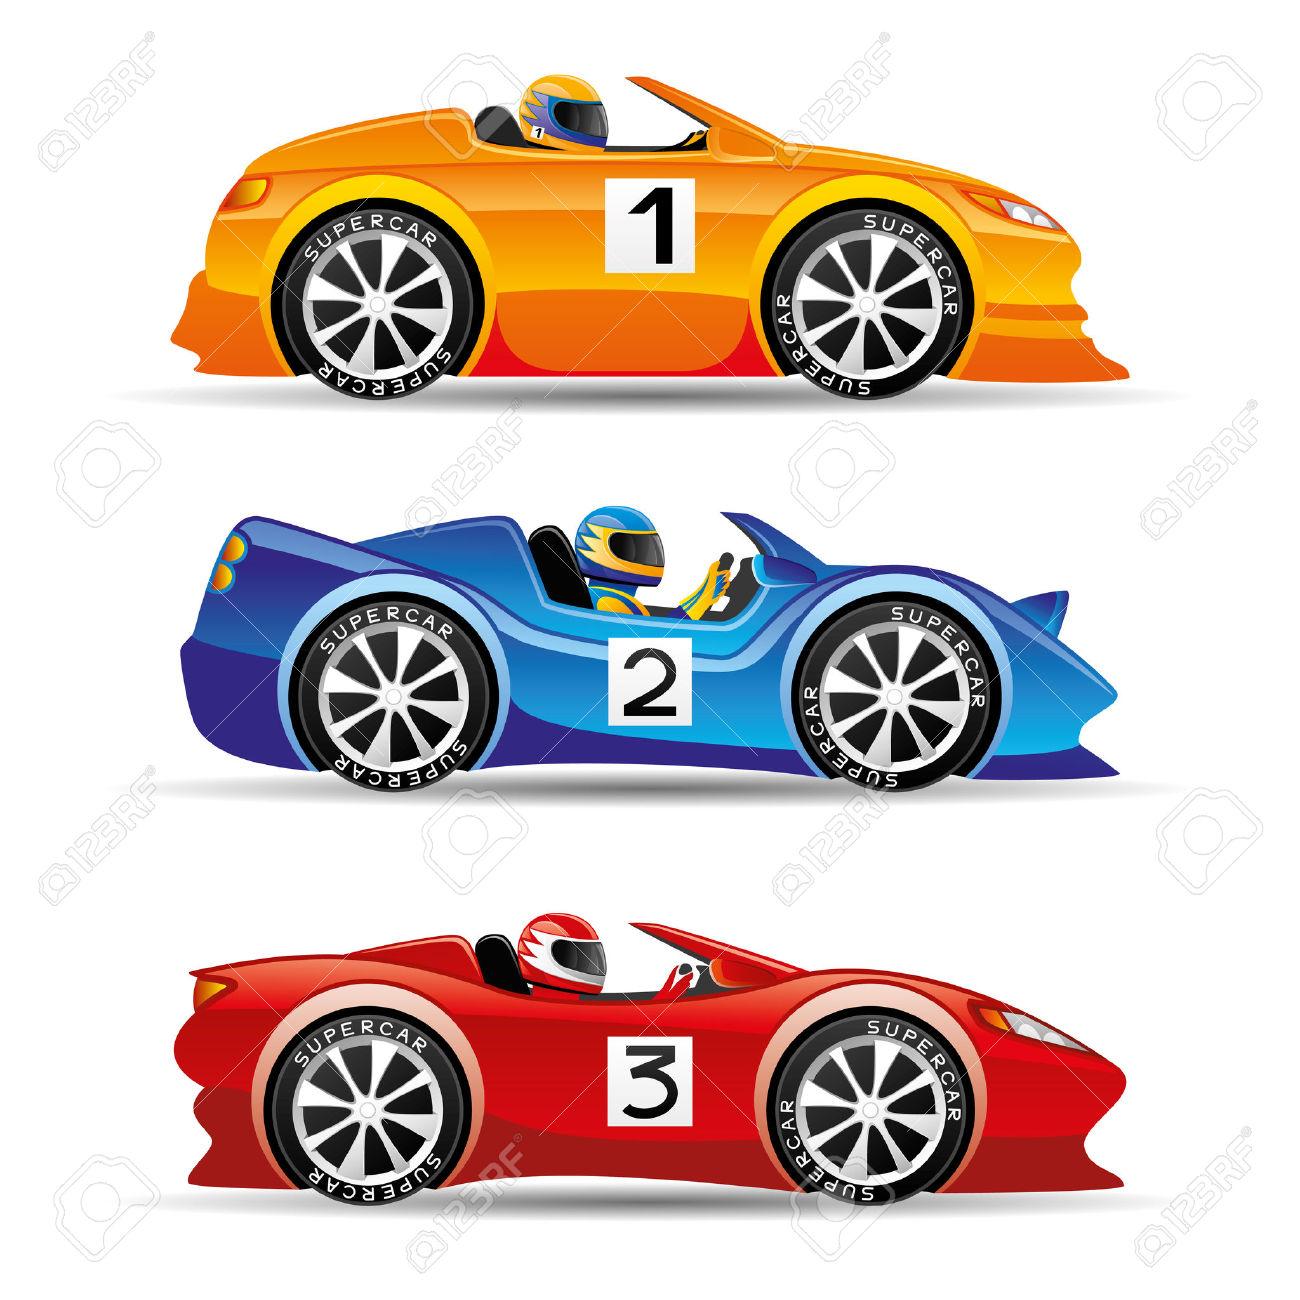 Cartoon Race Car Group with 33+ items.